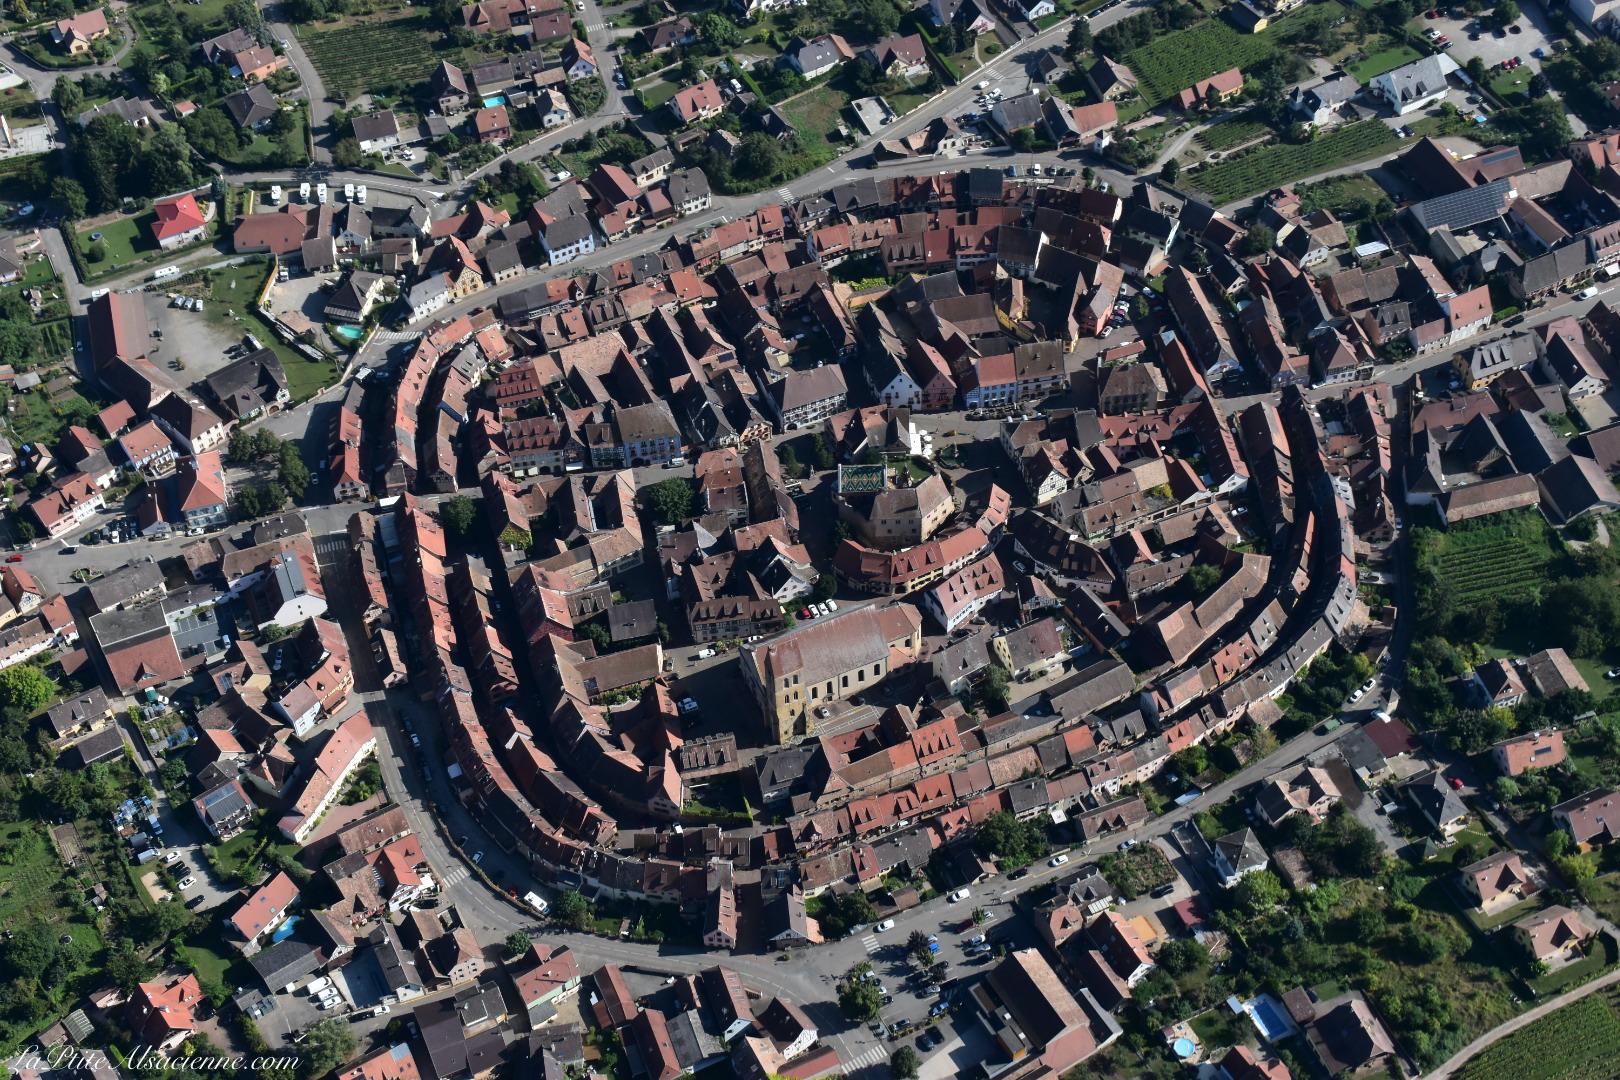 Eguisheim réputée pour ses remparts. Cette fois-ci vue du ciel. Photo de Cendrine Miesch dite LaPtiteAlsacienne